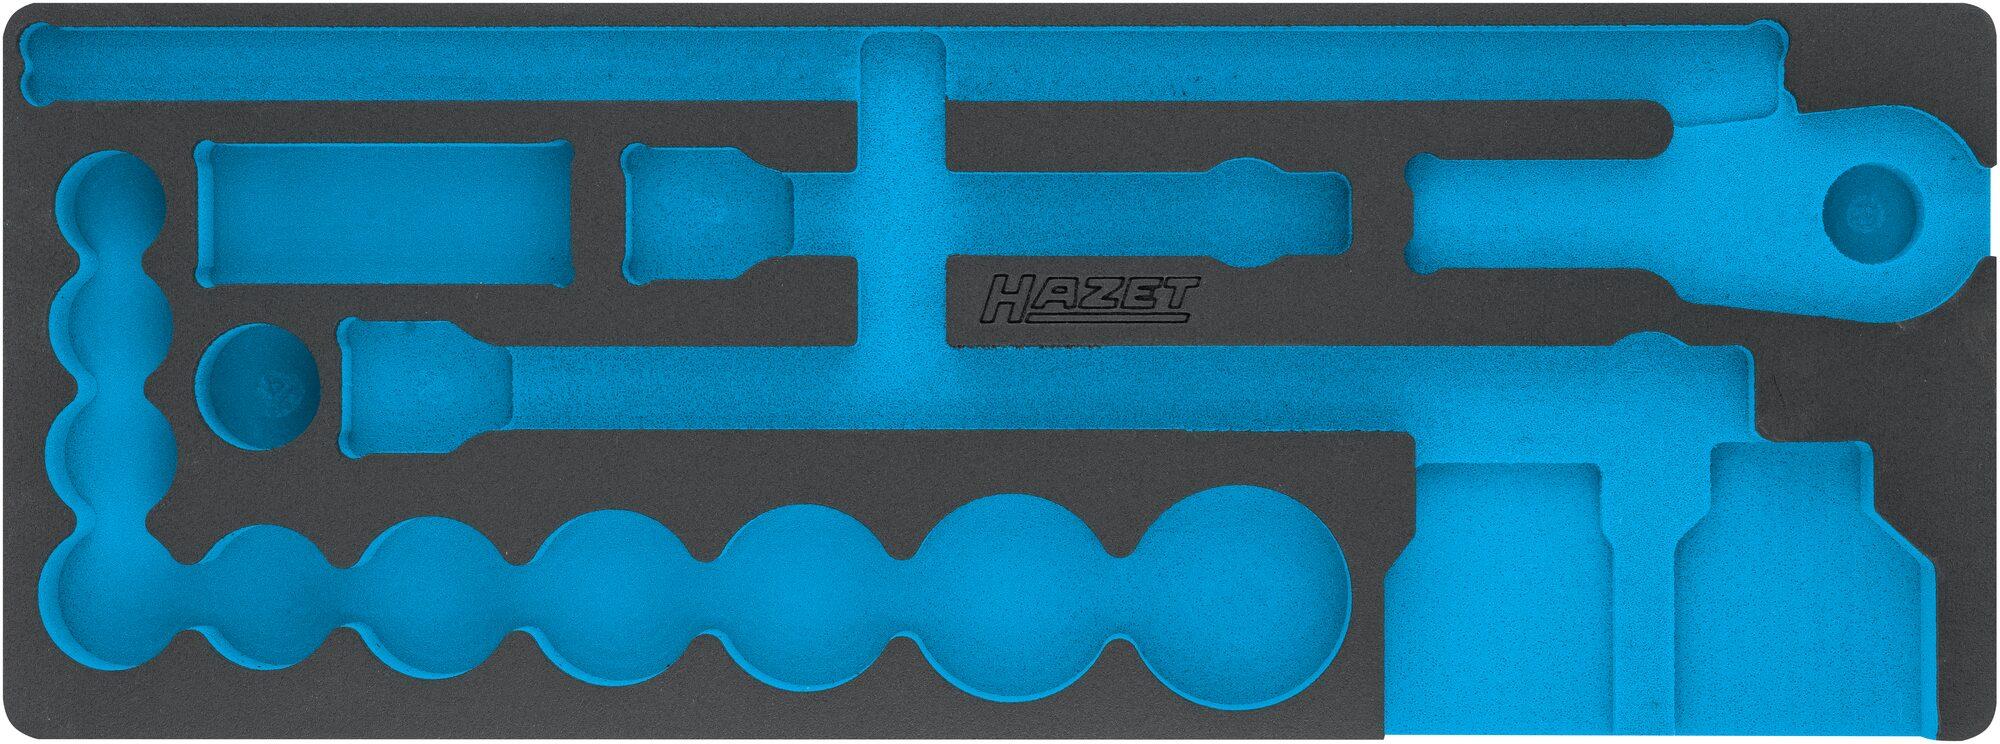 HAZET 2-Komponenten Weichschaum-Einlage 163-399L